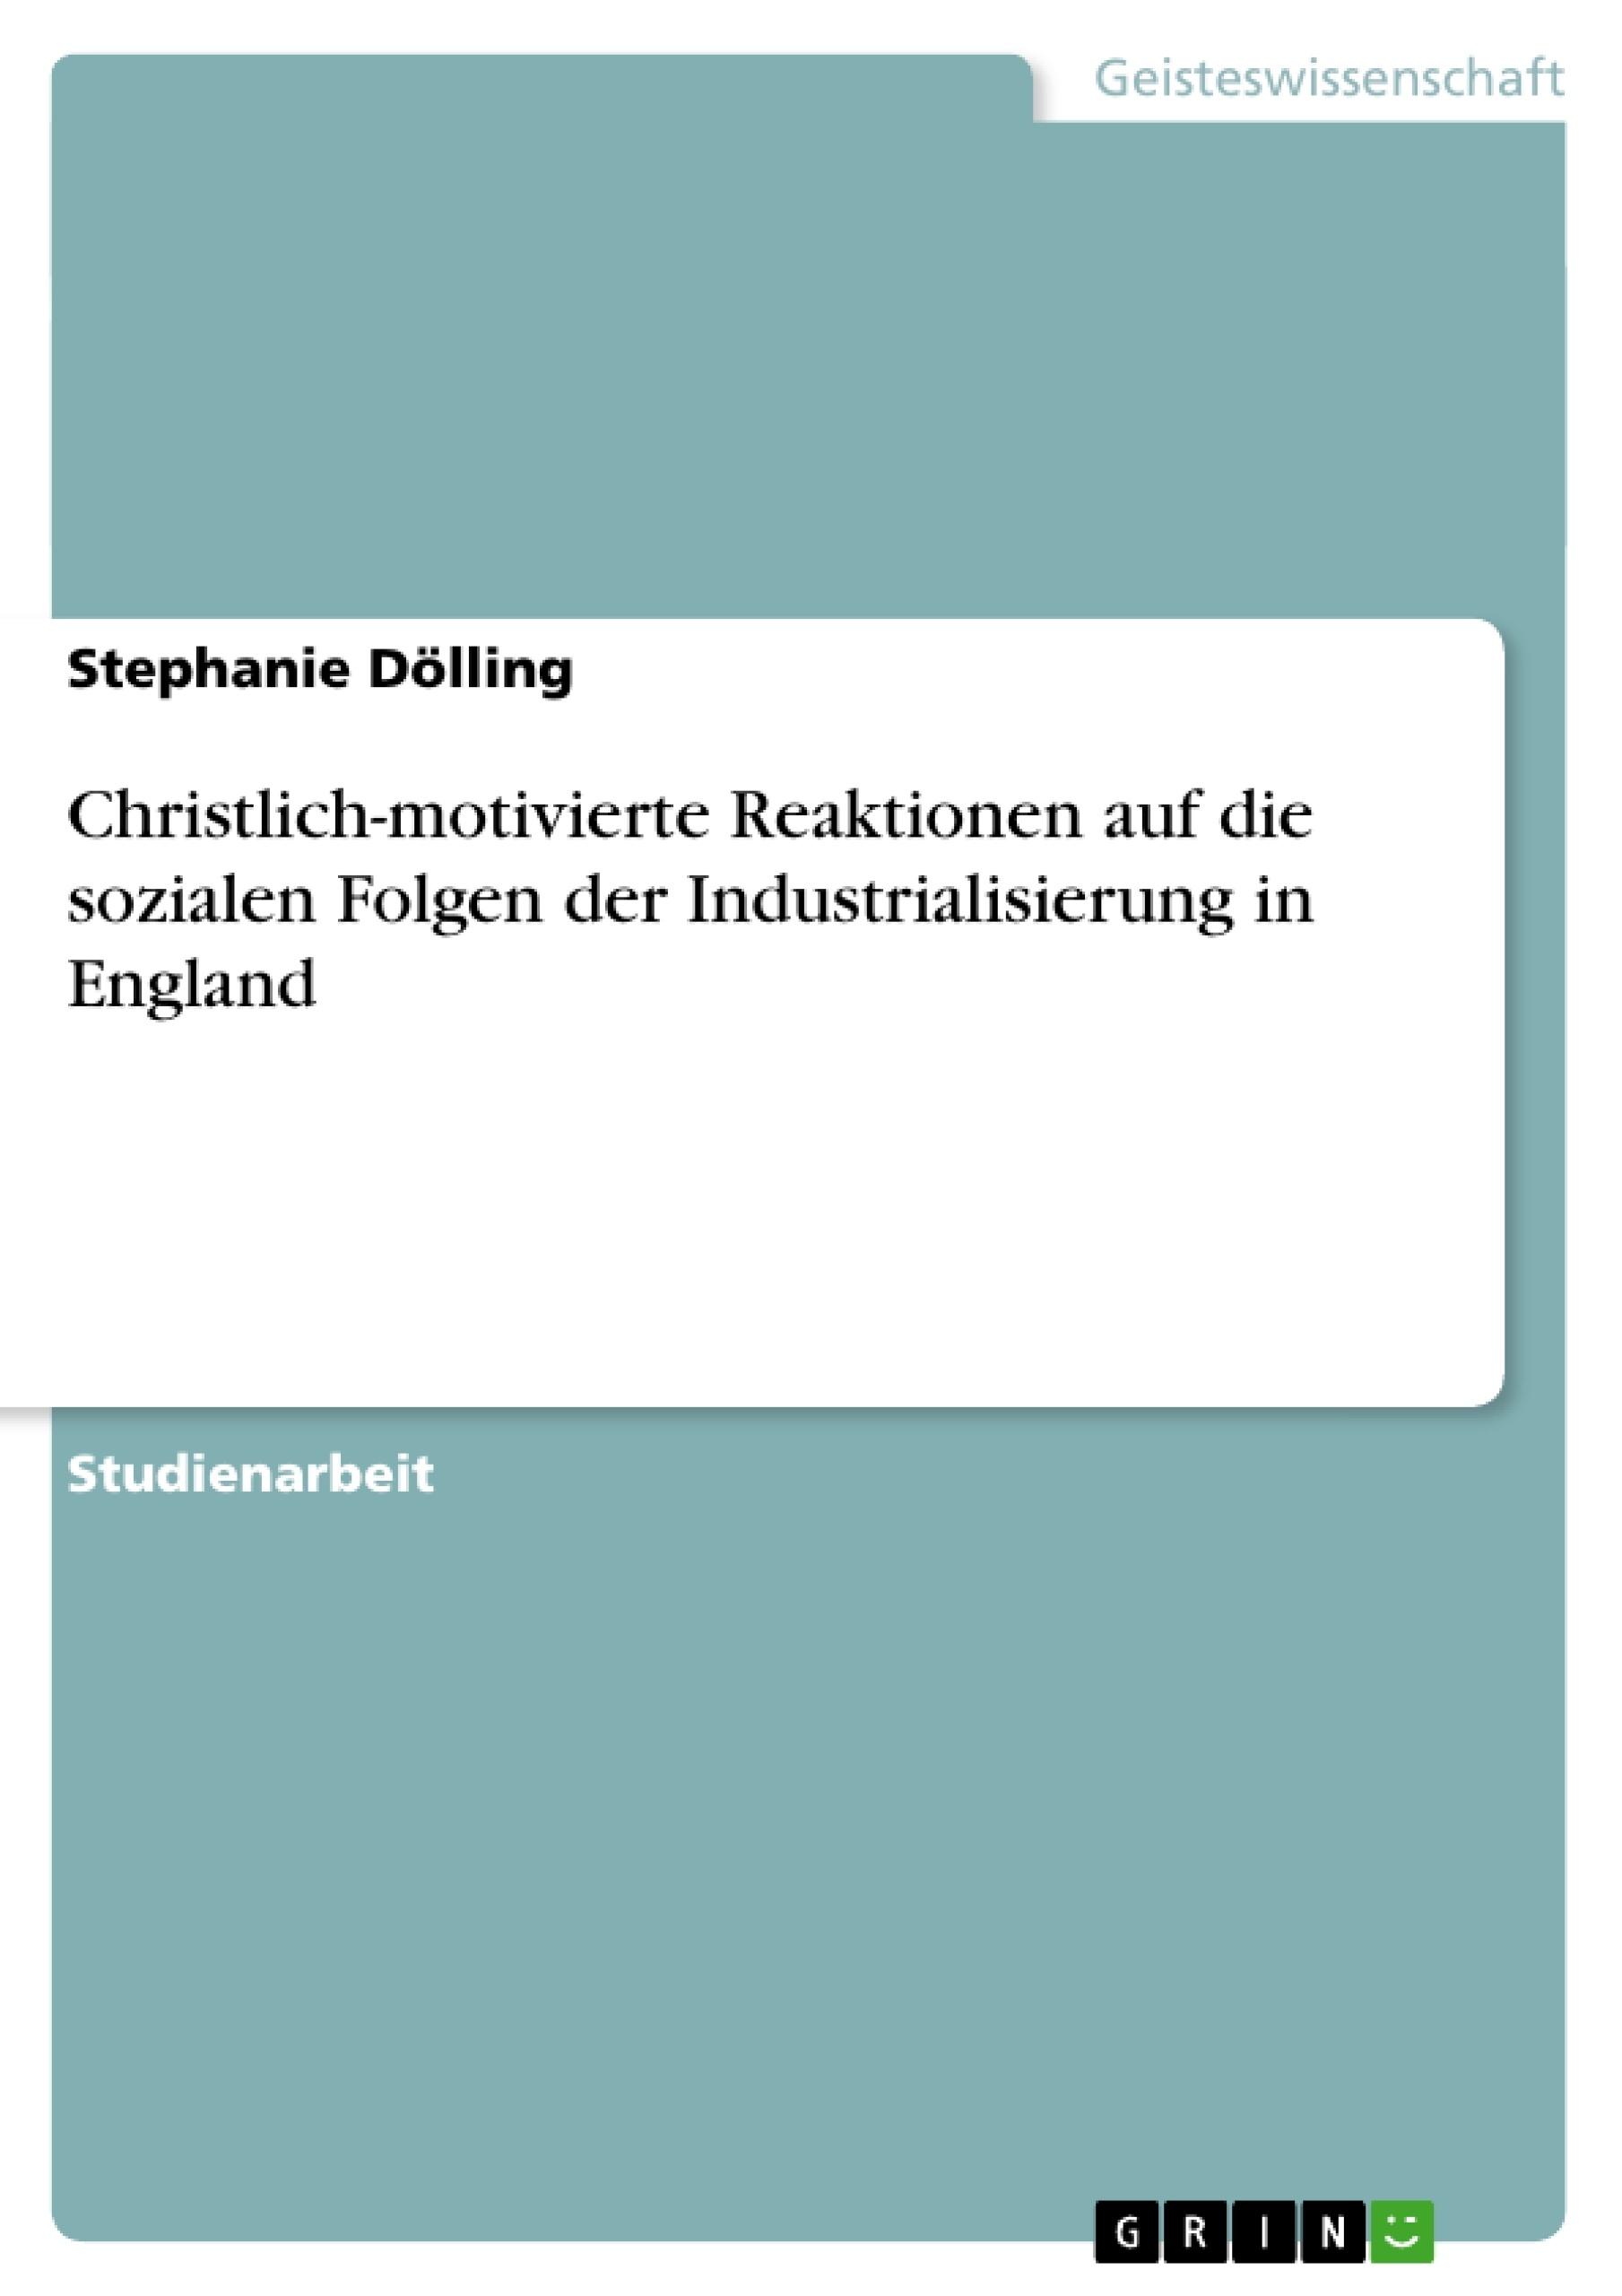 Titel: Christlich-motivierte Reaktionen auf die sozialen Folgen der Industrialisierung in England